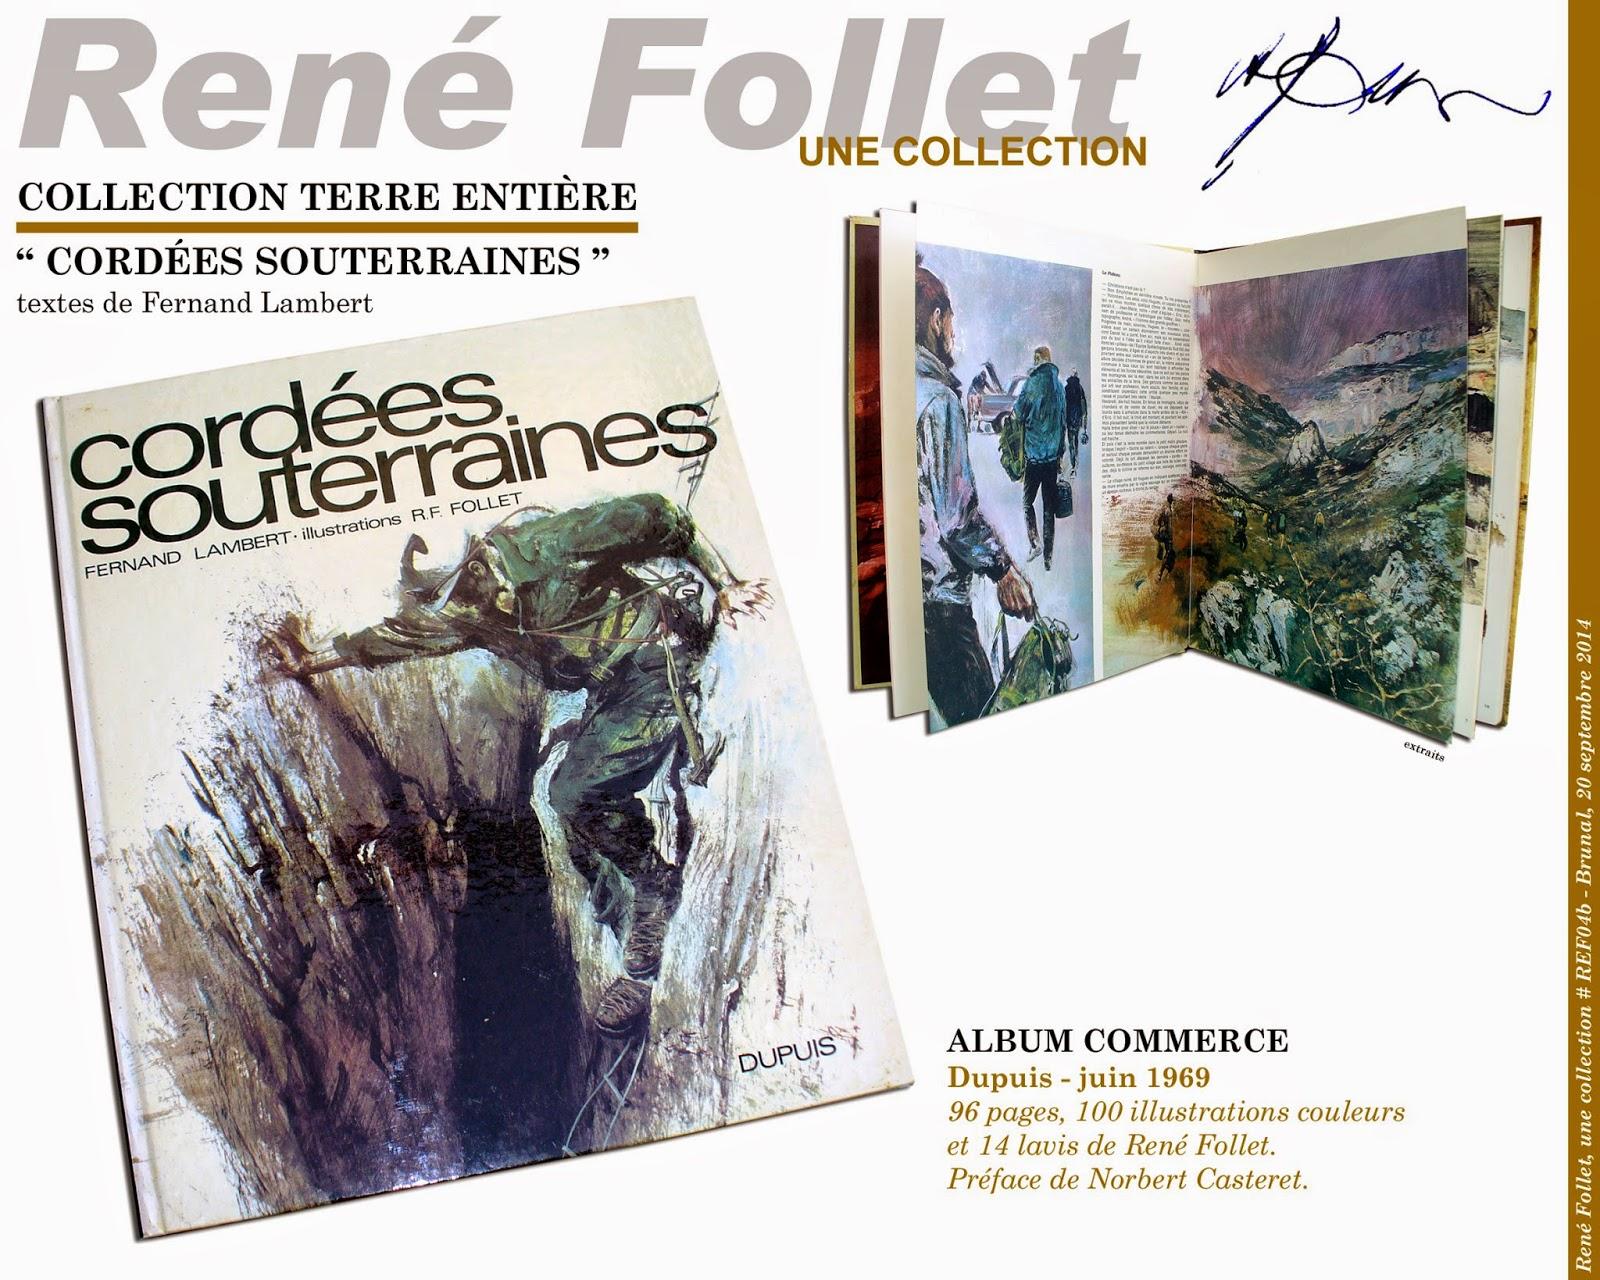 Rene Follet Une Collection Cordees Souterraines